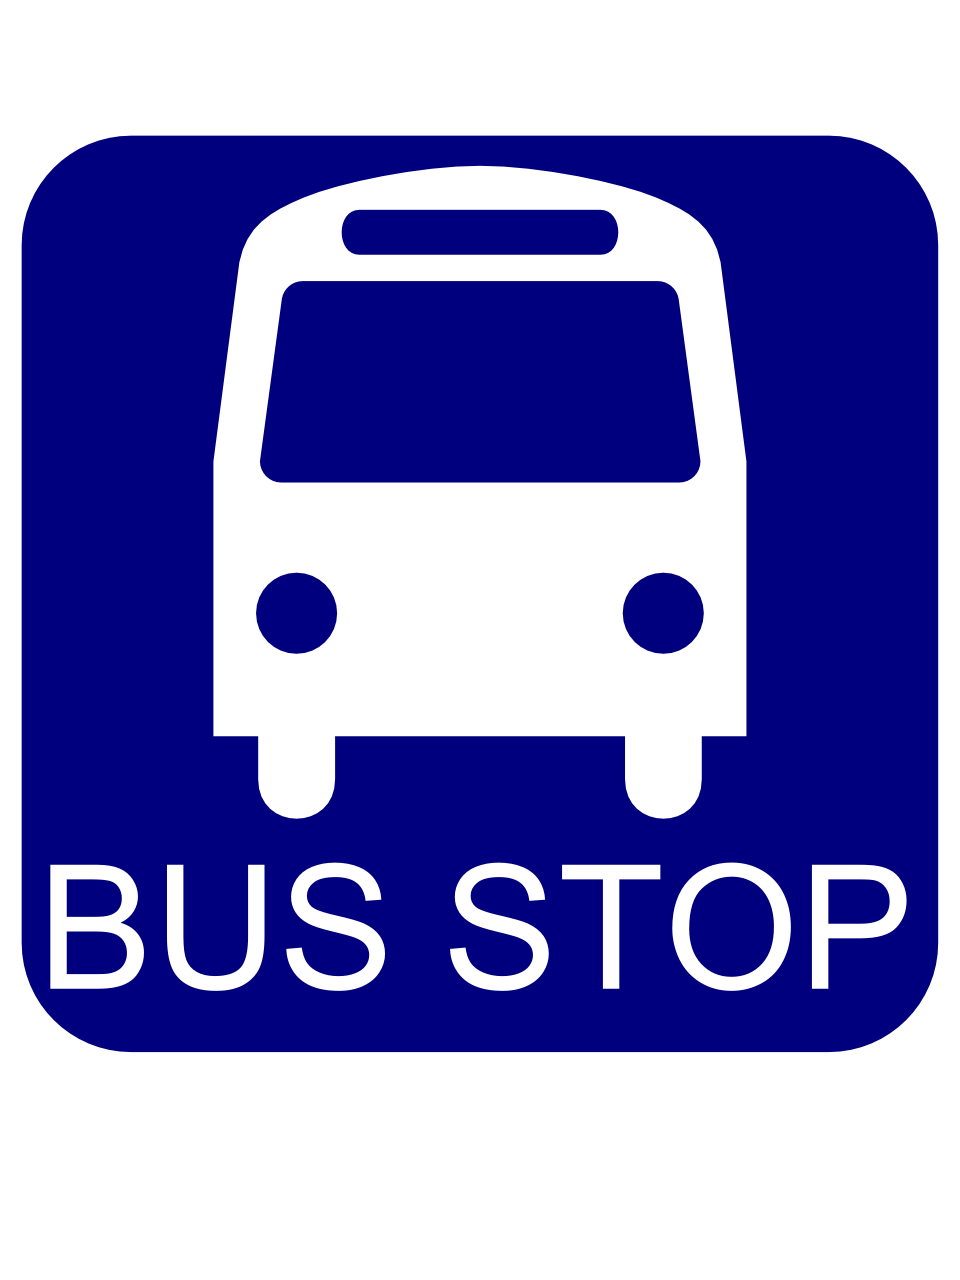 Singapore Bus Transit (SBS)